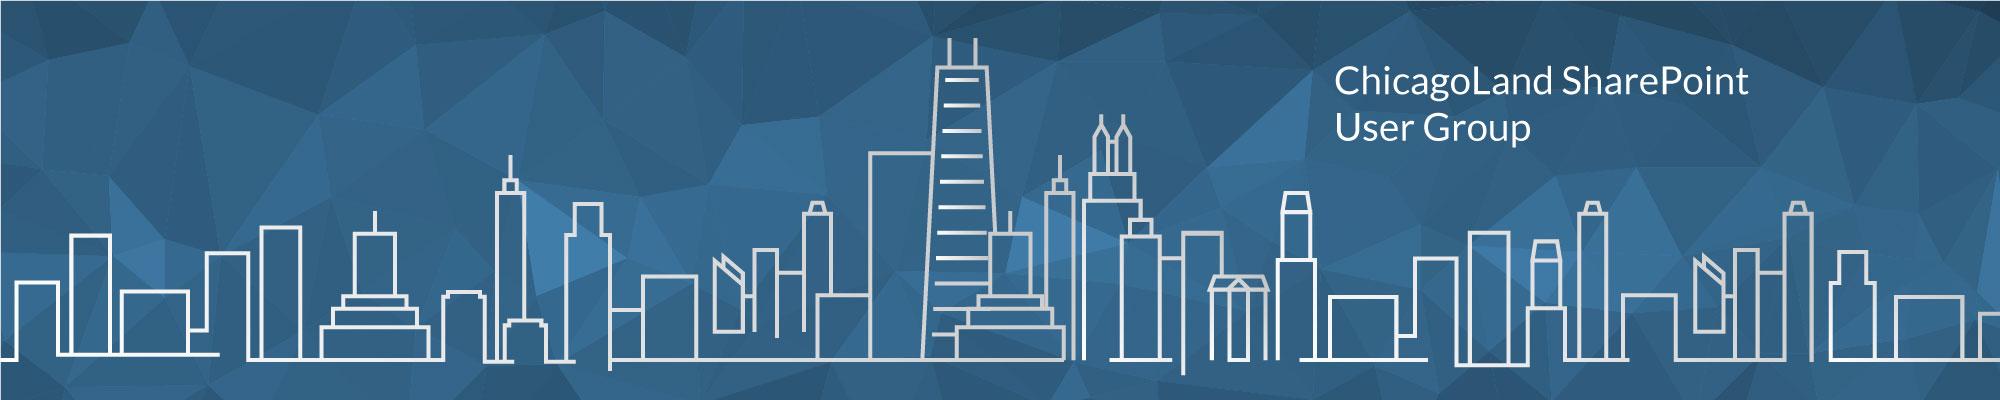 Chicagoland-Sharepoint-User Group-Header.jpg